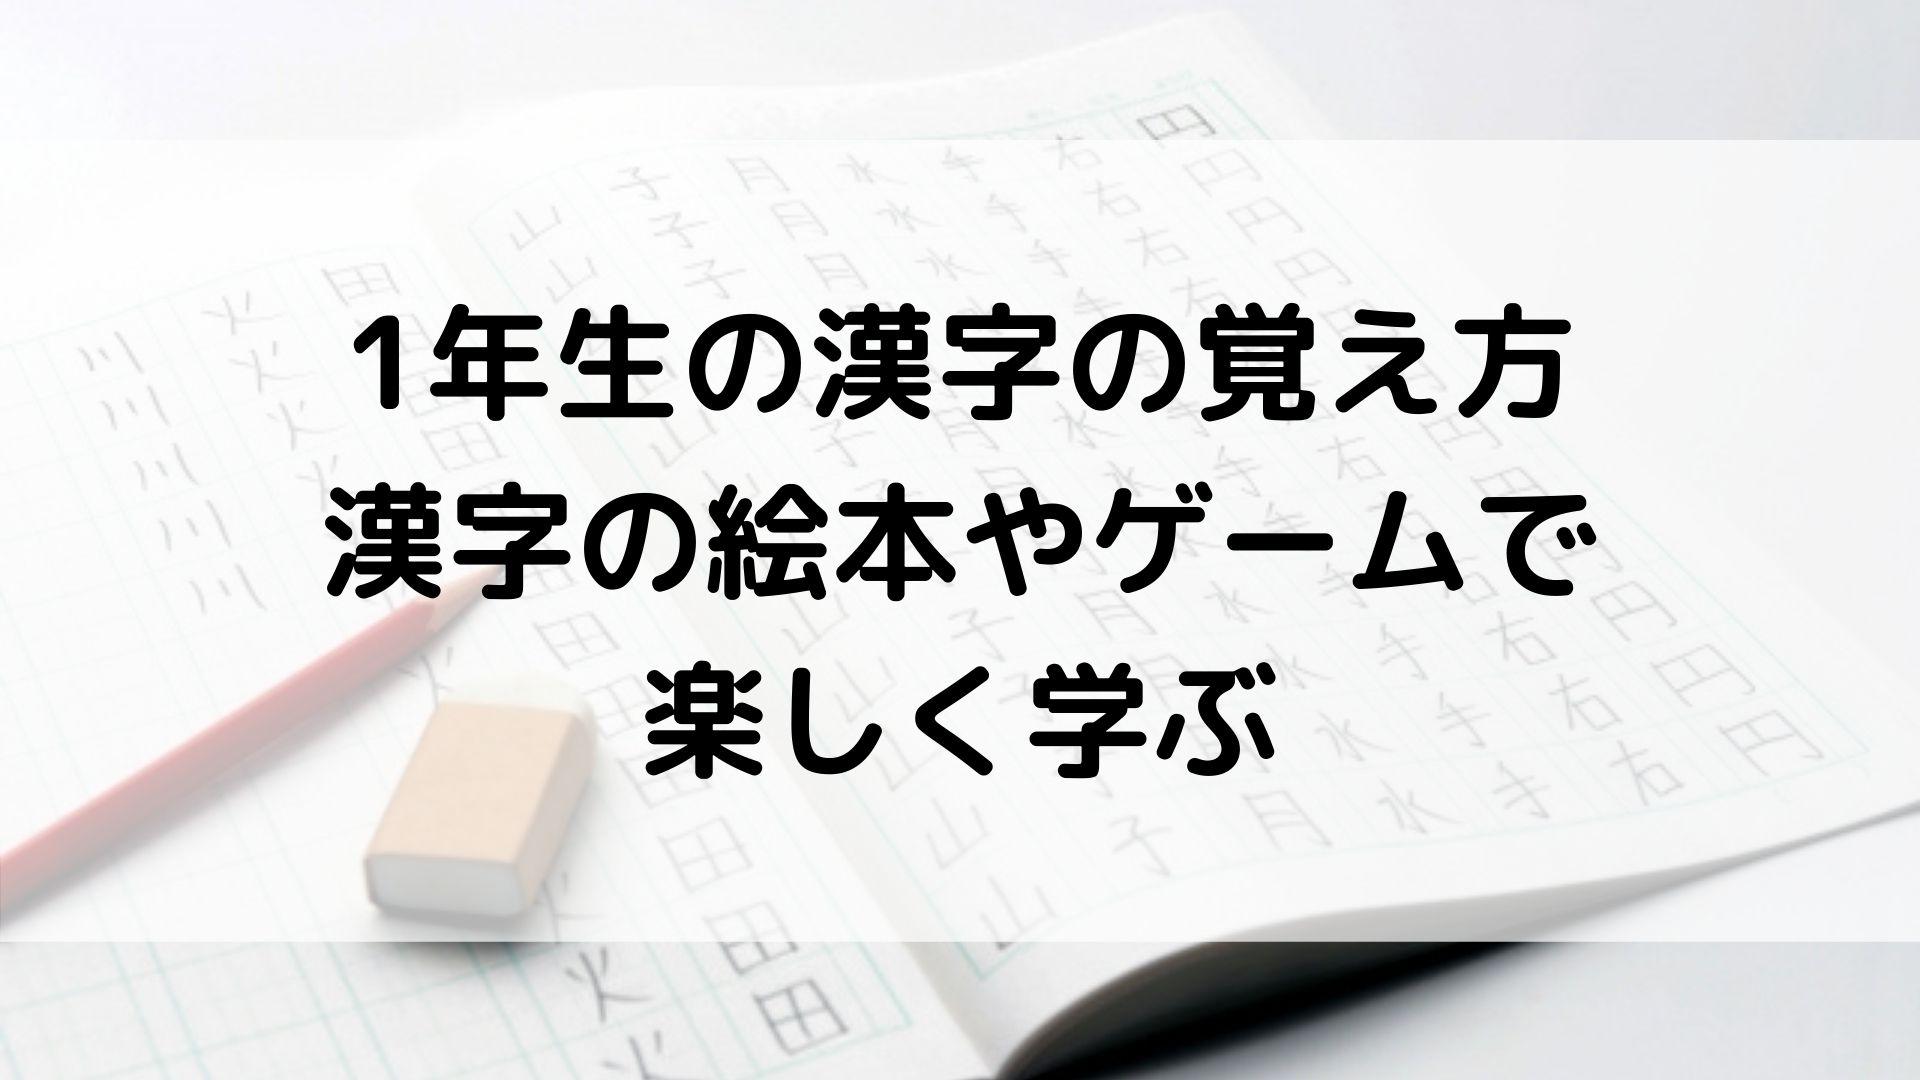 1年生の漢字の覚え方 漢字の絵本やゲームで楽しく学ぶ